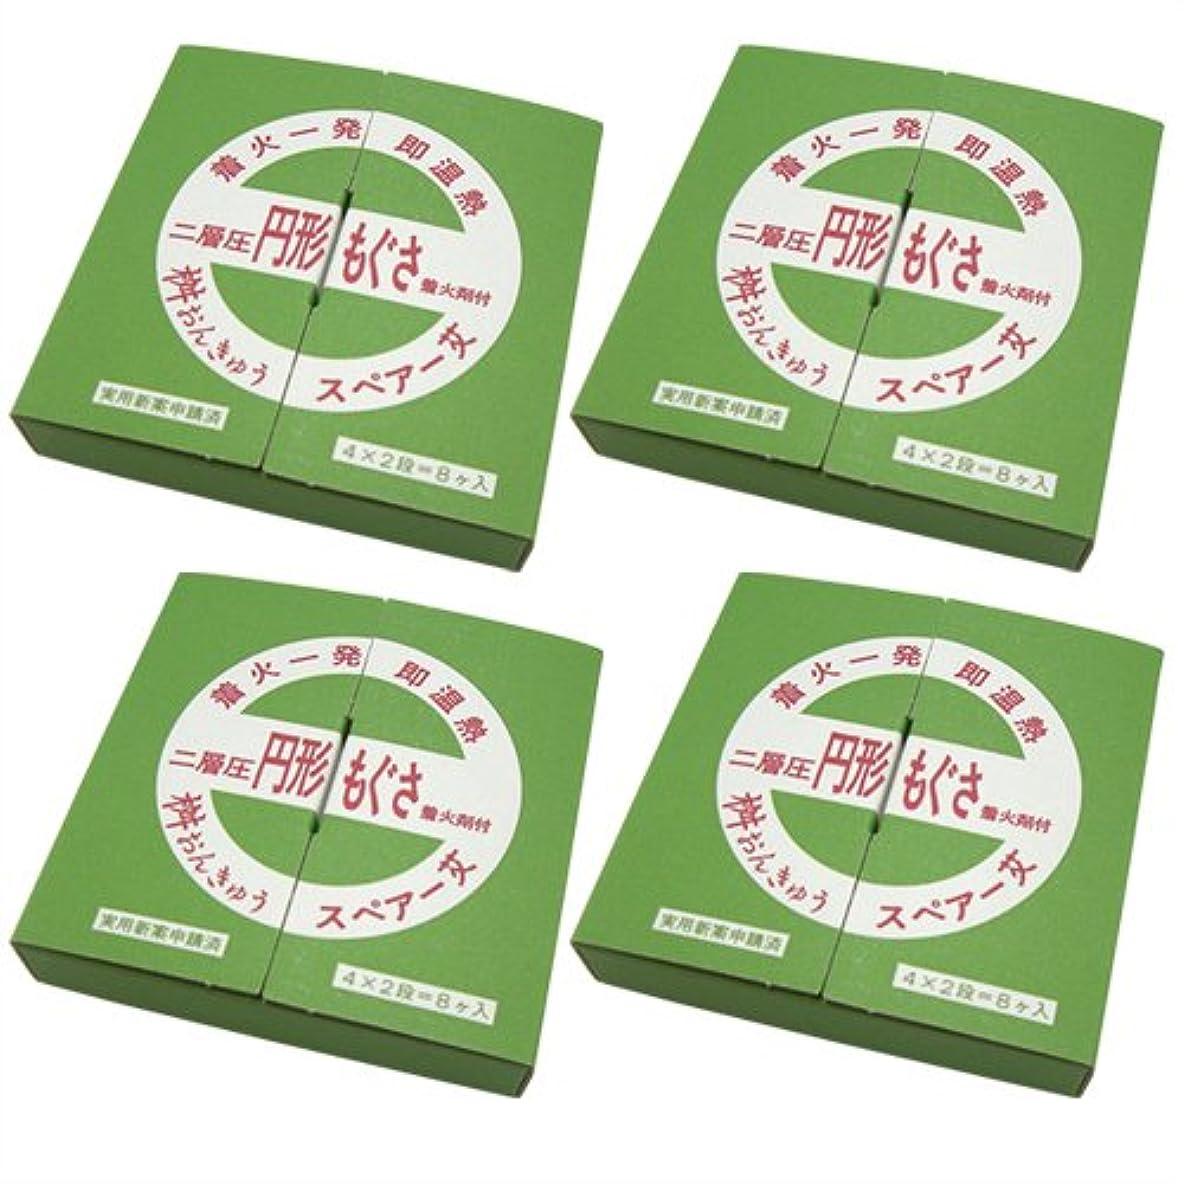 こしょうリア王英語の授業があります桝おんきゅう用スペアもぐさ 二層圧 円形もぐさ (8ケ) ×4箱セット